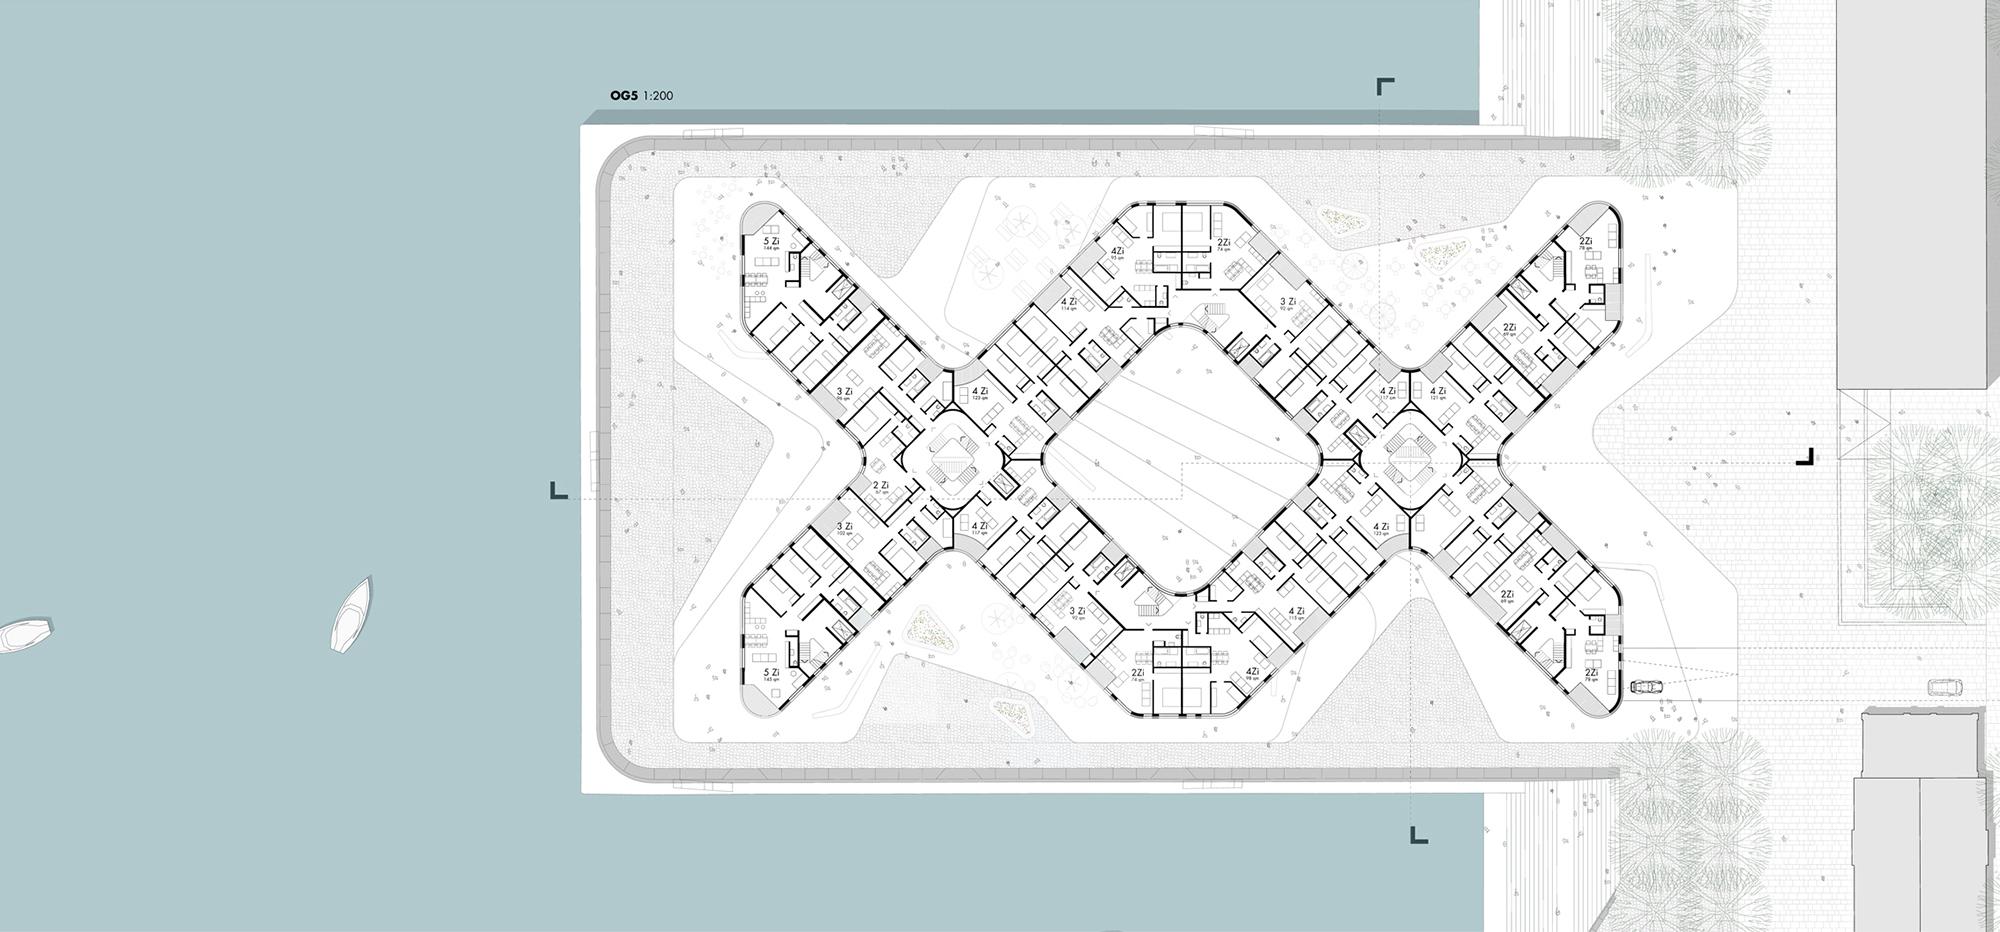 schneider schumacher und bb22 architekten doxx mainz hafenkai wettbewerb 2015 grundriss og. Black Bedroom Furniture Sets. Home Design Ideas